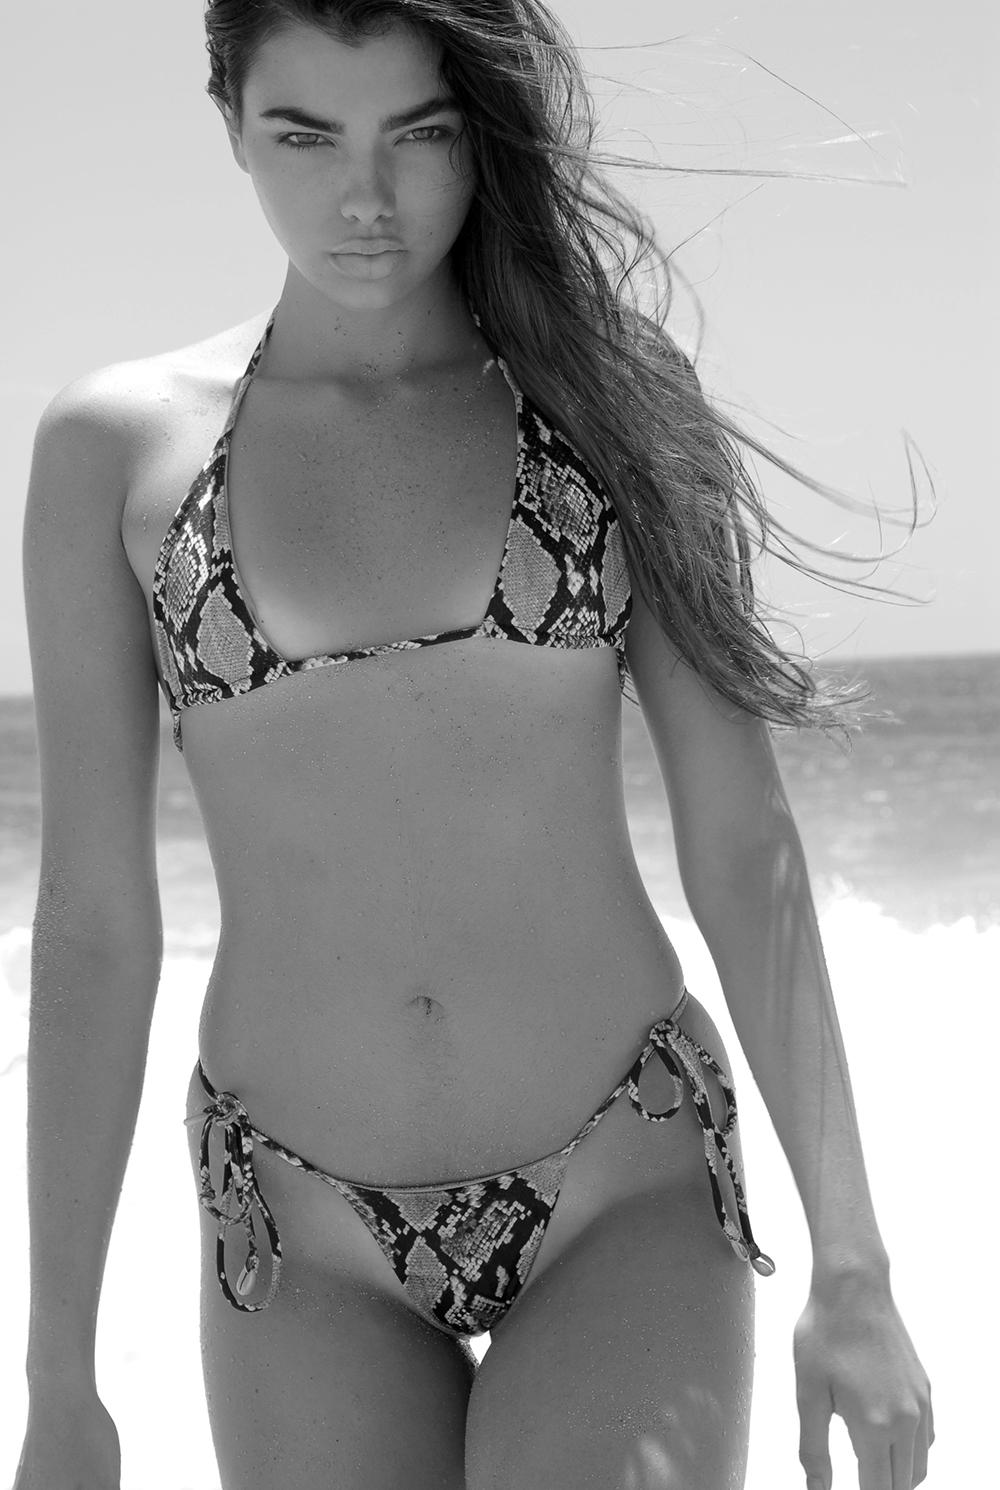 Swimbook_Indah_Clothing_swimsuit_Kaitlyn_Hitsman_DSC_0882.jpg